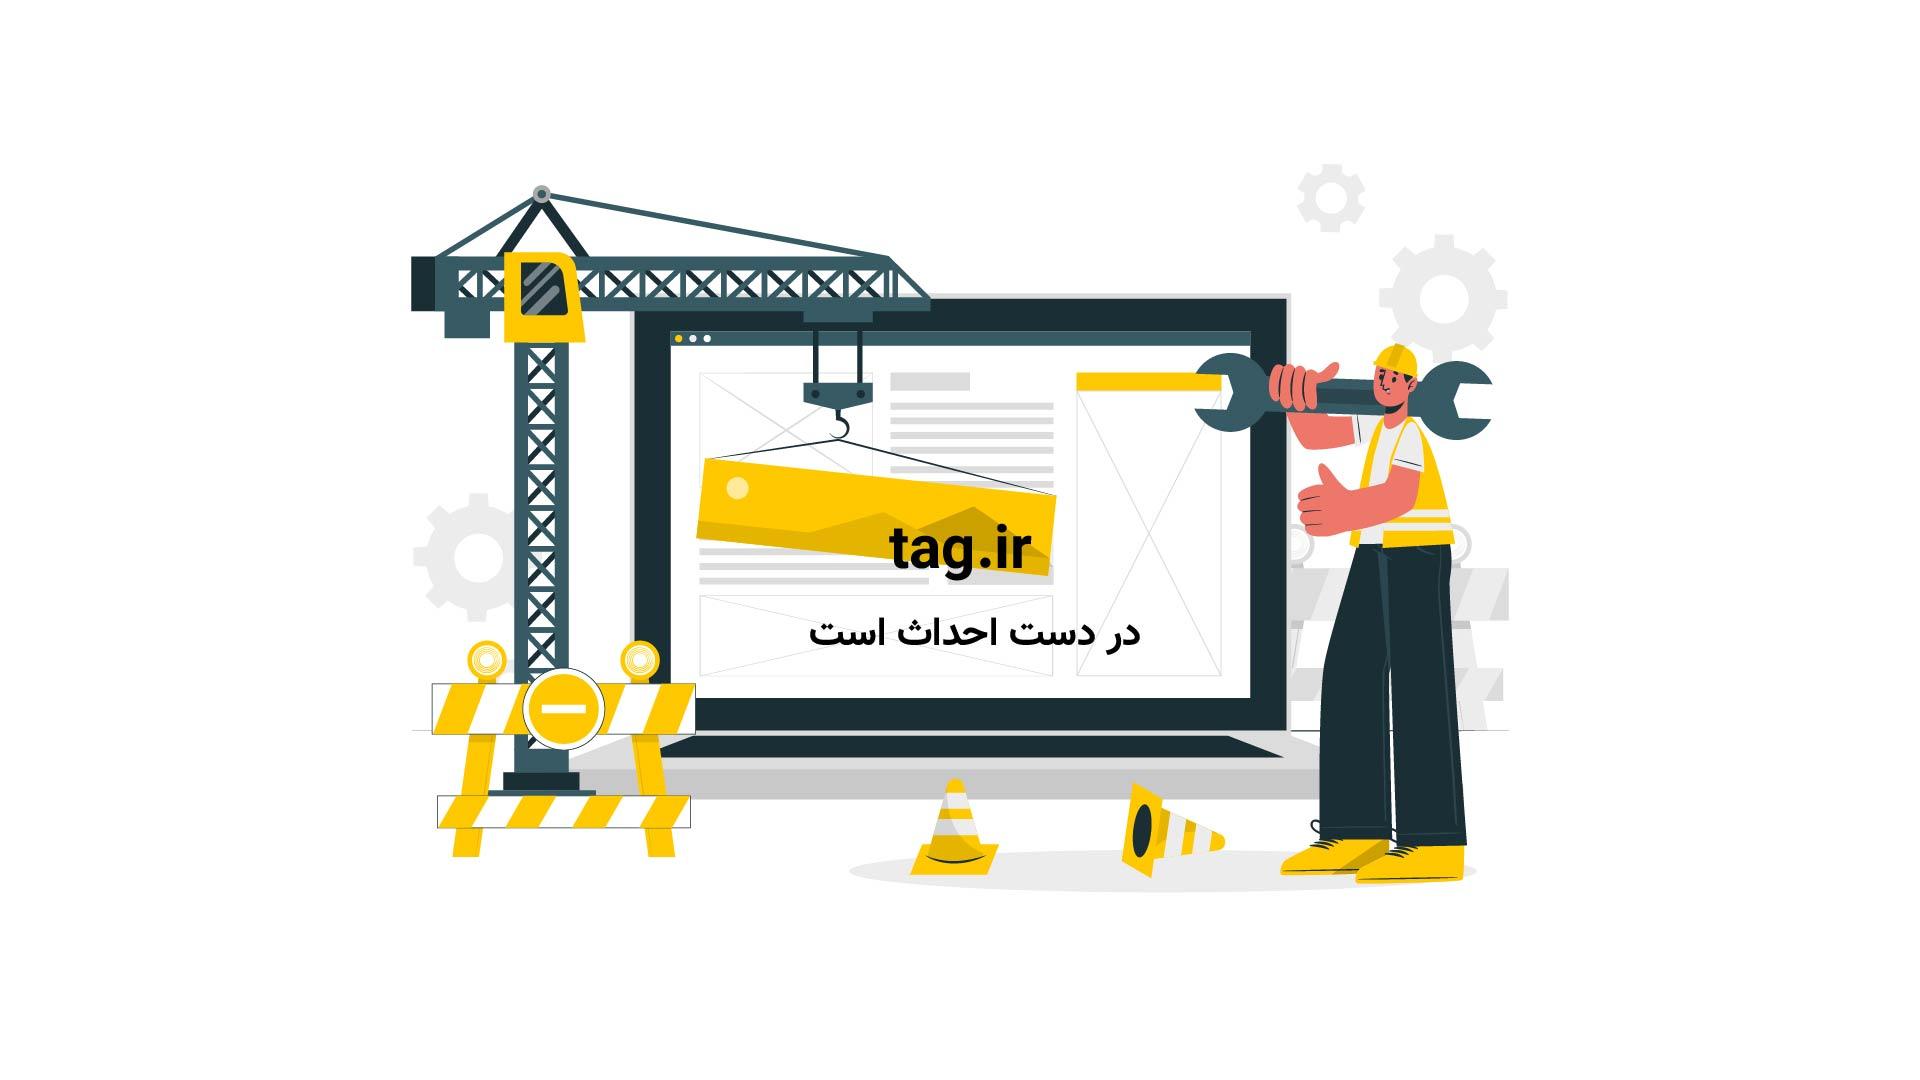 آخرین ساعات بازی های المپیک ریو در سالن کشتی + فیلم